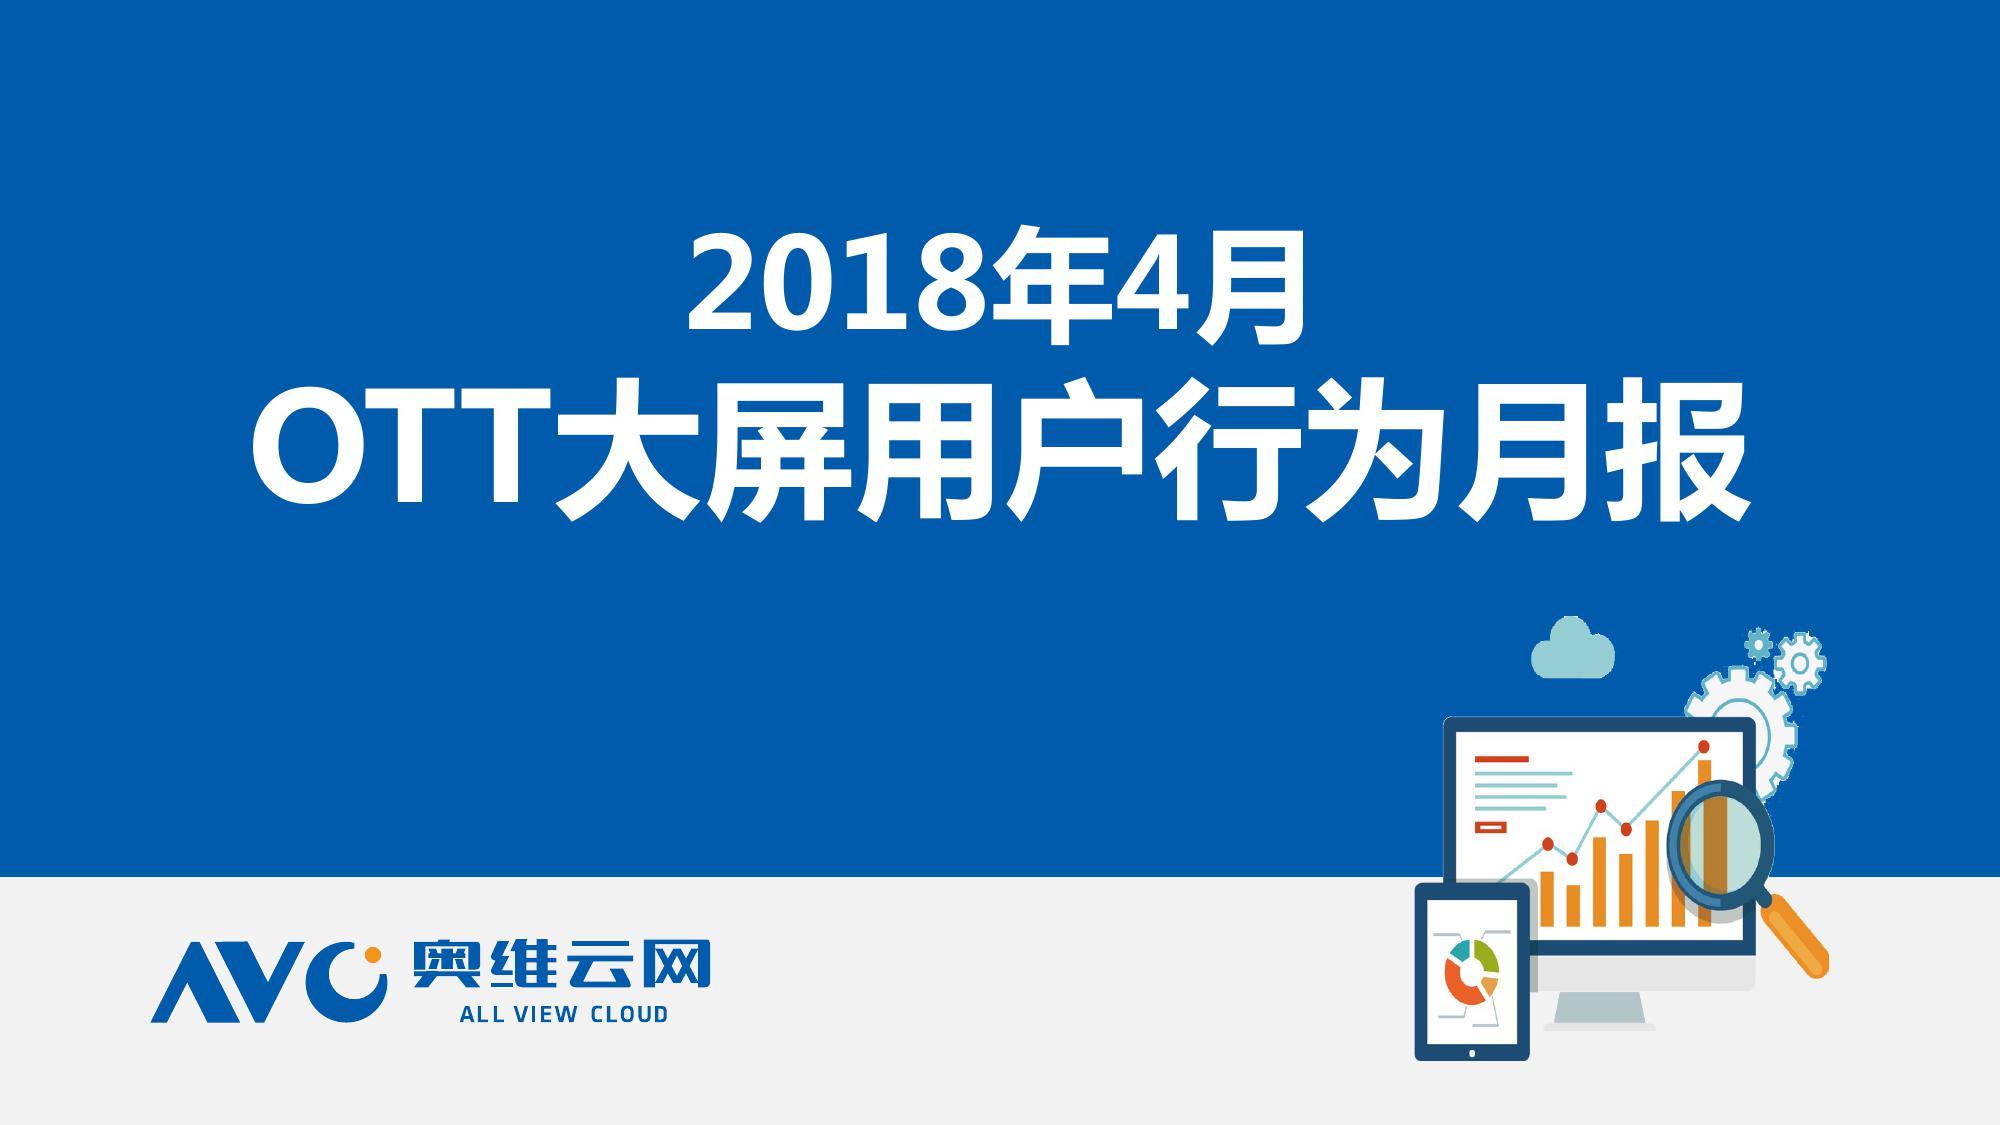 奥维云网:2018年4月OTT大屏用户行为月报